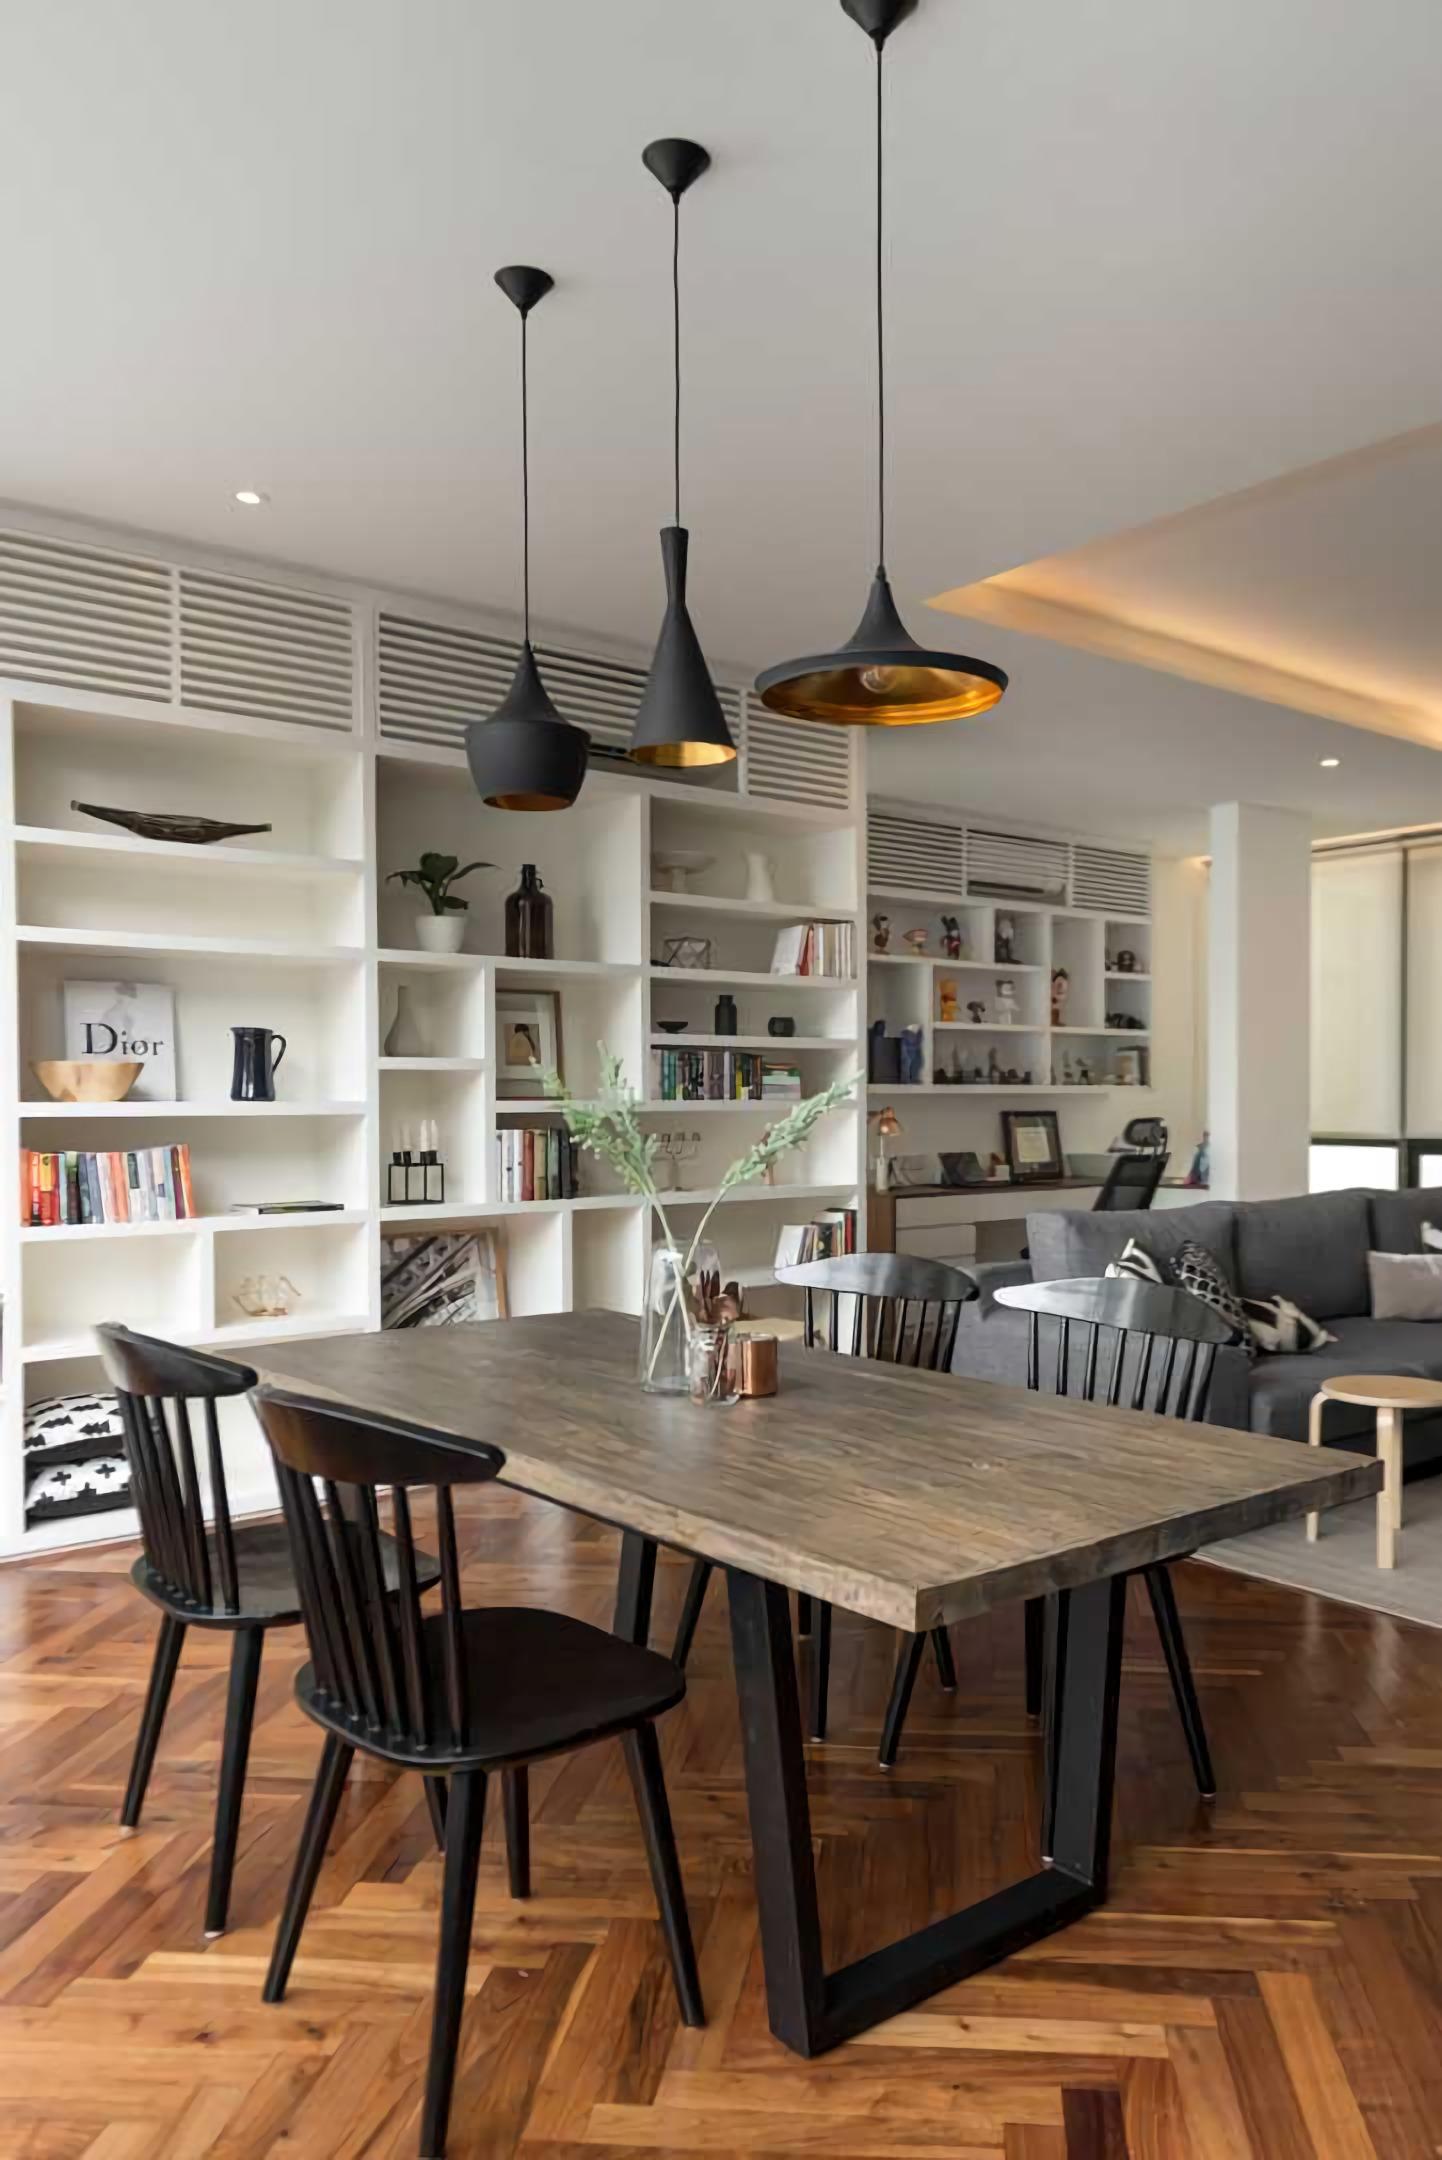 Konsep desain interior rumah kaum urban modern mudah diaplikasikan dengan furnitur minimalis yang memiliki daya tarik tersendiri dengan harga terjangkau. Desain interior rumah kekinian kaum urban yang stylish lebih fokus pada pengoptimalan pemanfaatan ruang, dengan aliran ruang yang nyaman dan leluasa, estetika kosmopolitan yang modern dan trendi.